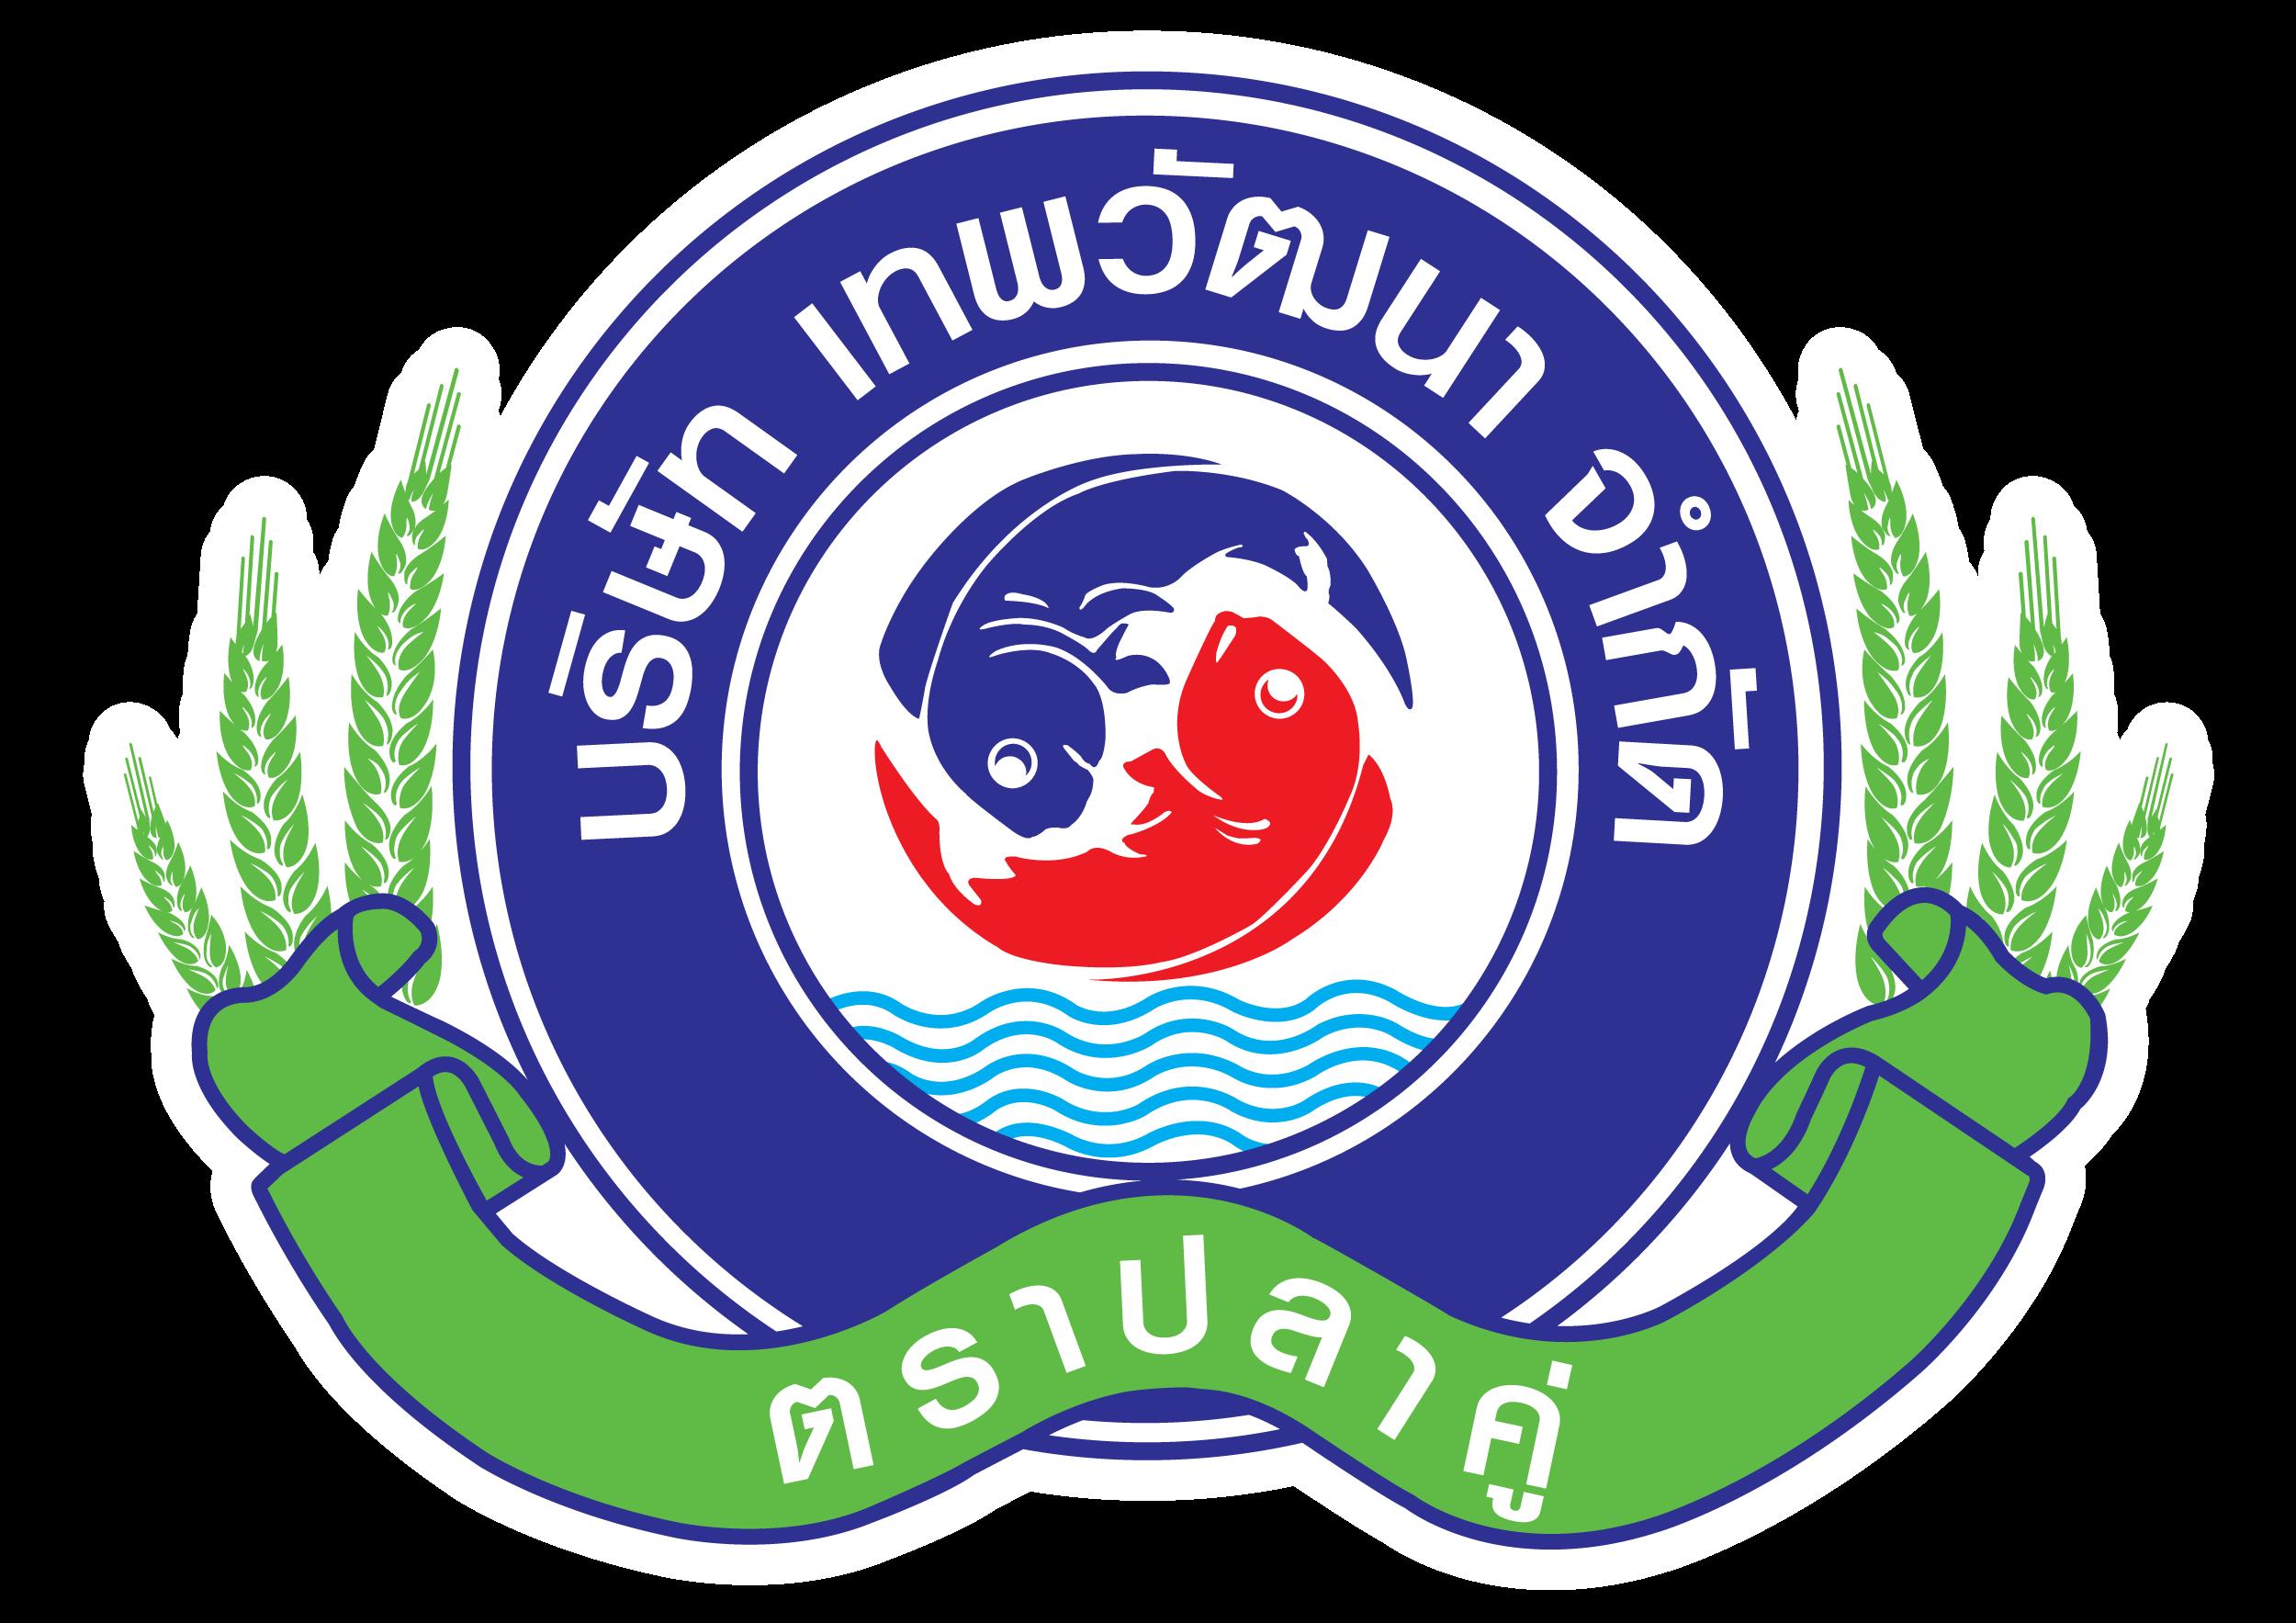 บริษัท เทพวัฒนา จำกัด logo